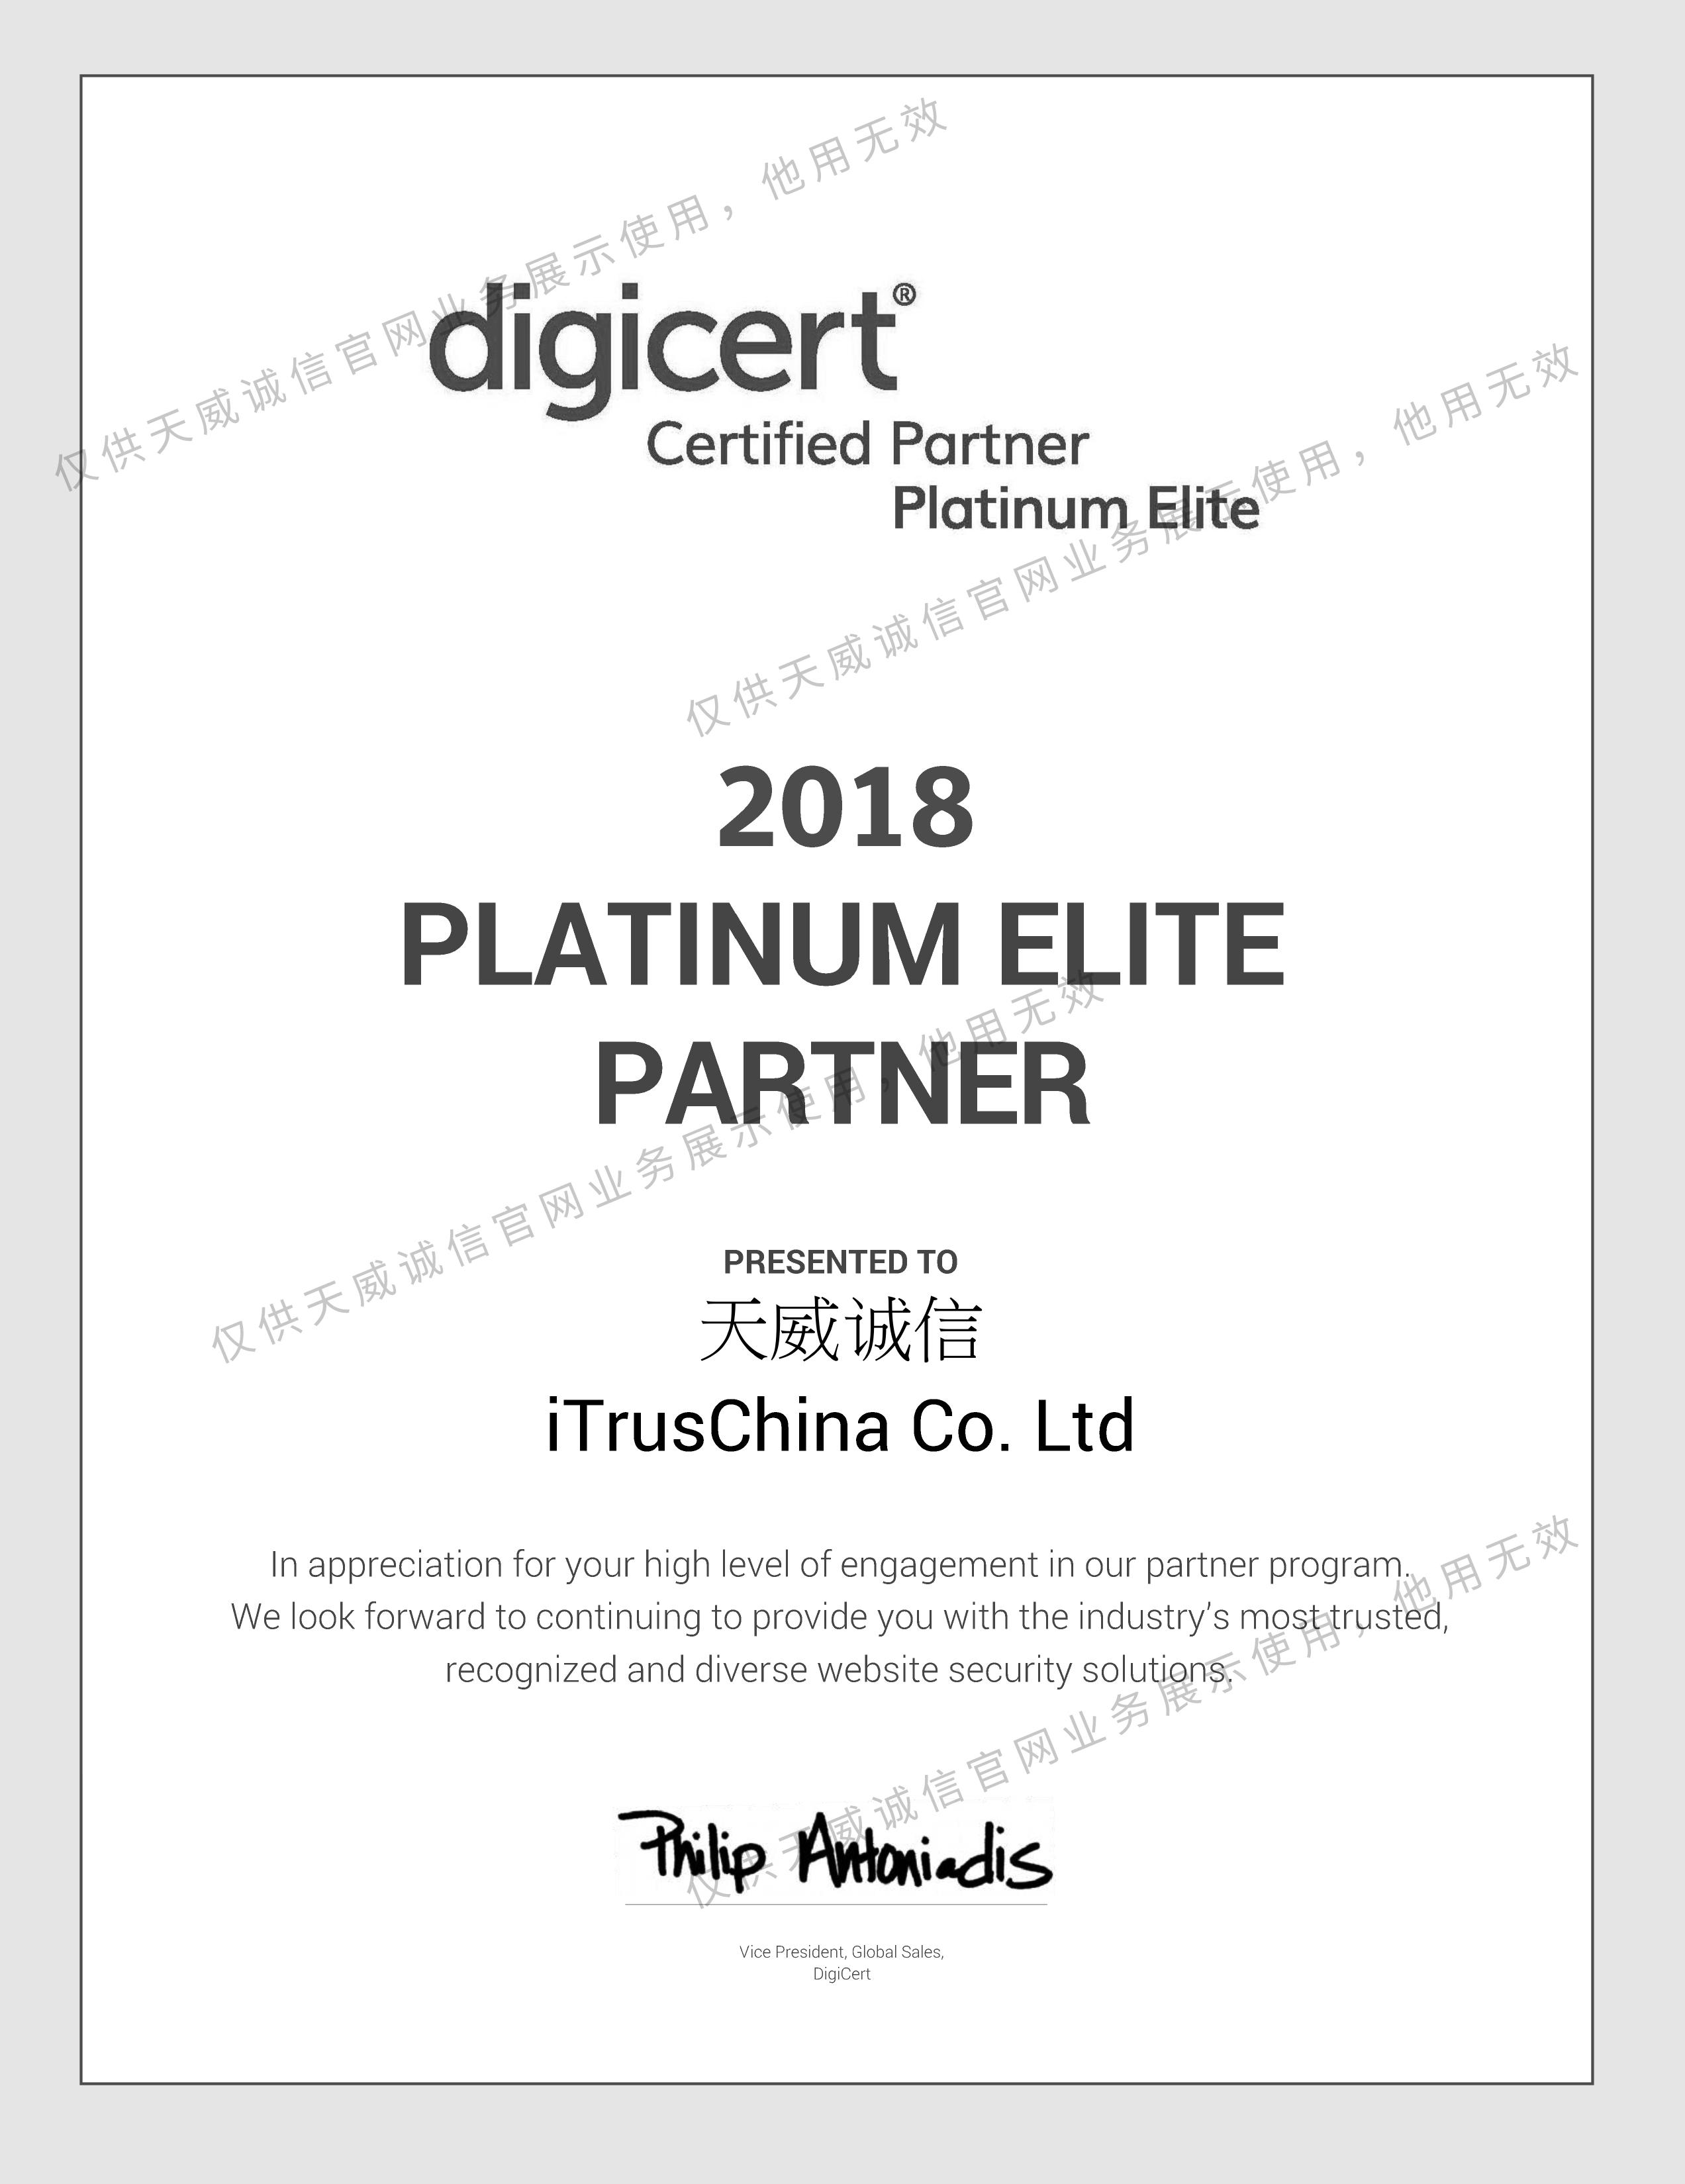 2018年digicert白金精英合作伙伴